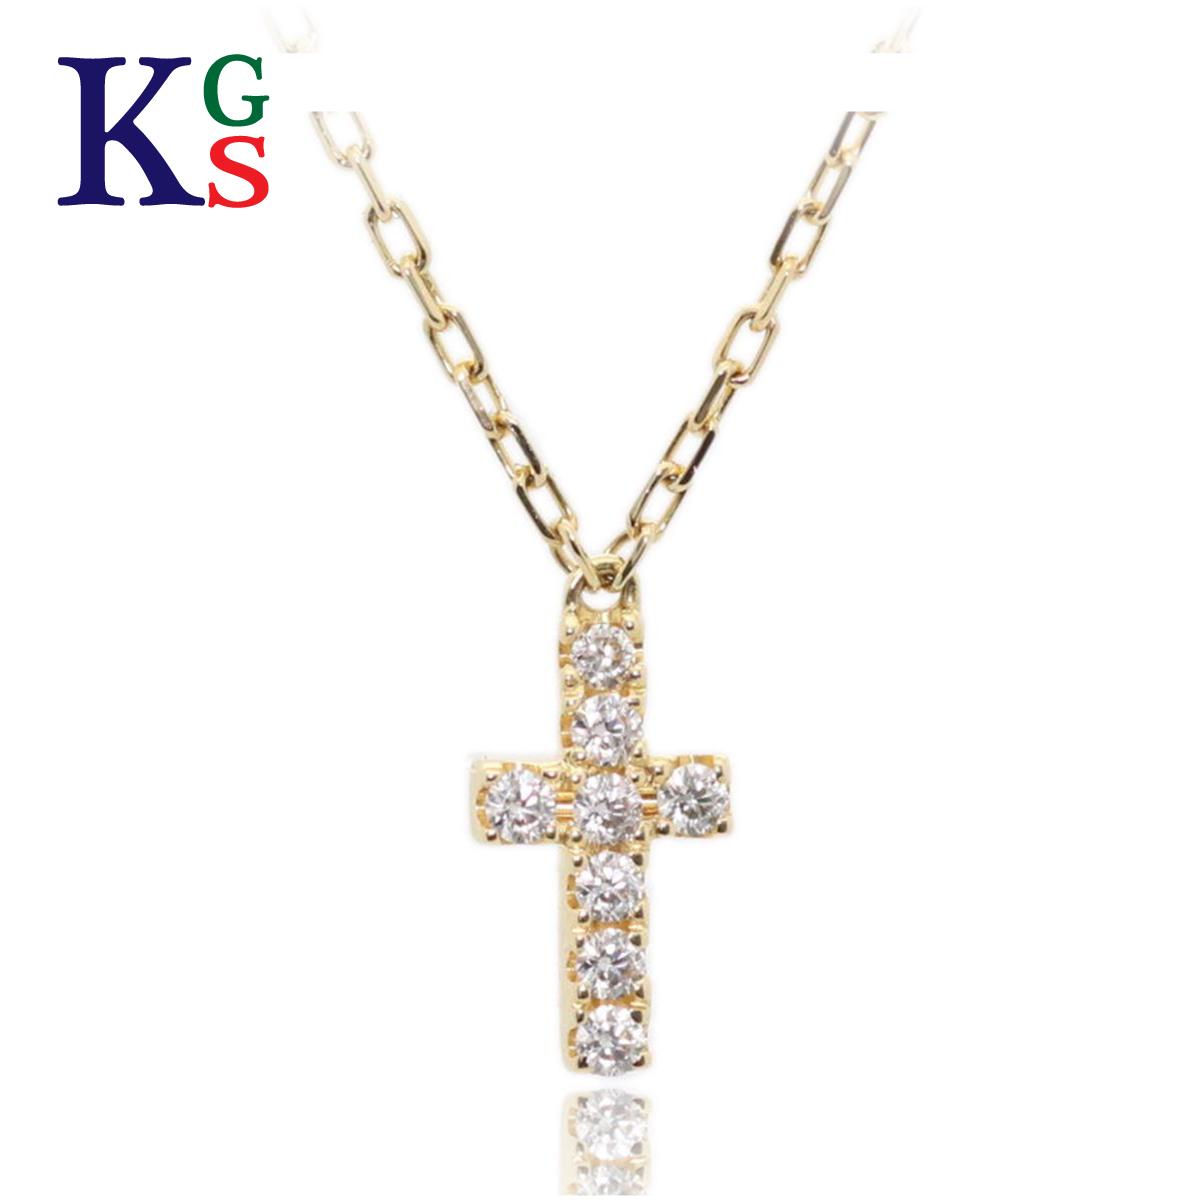 【ギフト品質】【0.05ct】AHKAH/アーカー ジュエリー クロスパヴェネックレス K18YG イエローゴールド 8Pダイヤモンド / レディース ジュエリー ダイアモンド ワンポイント